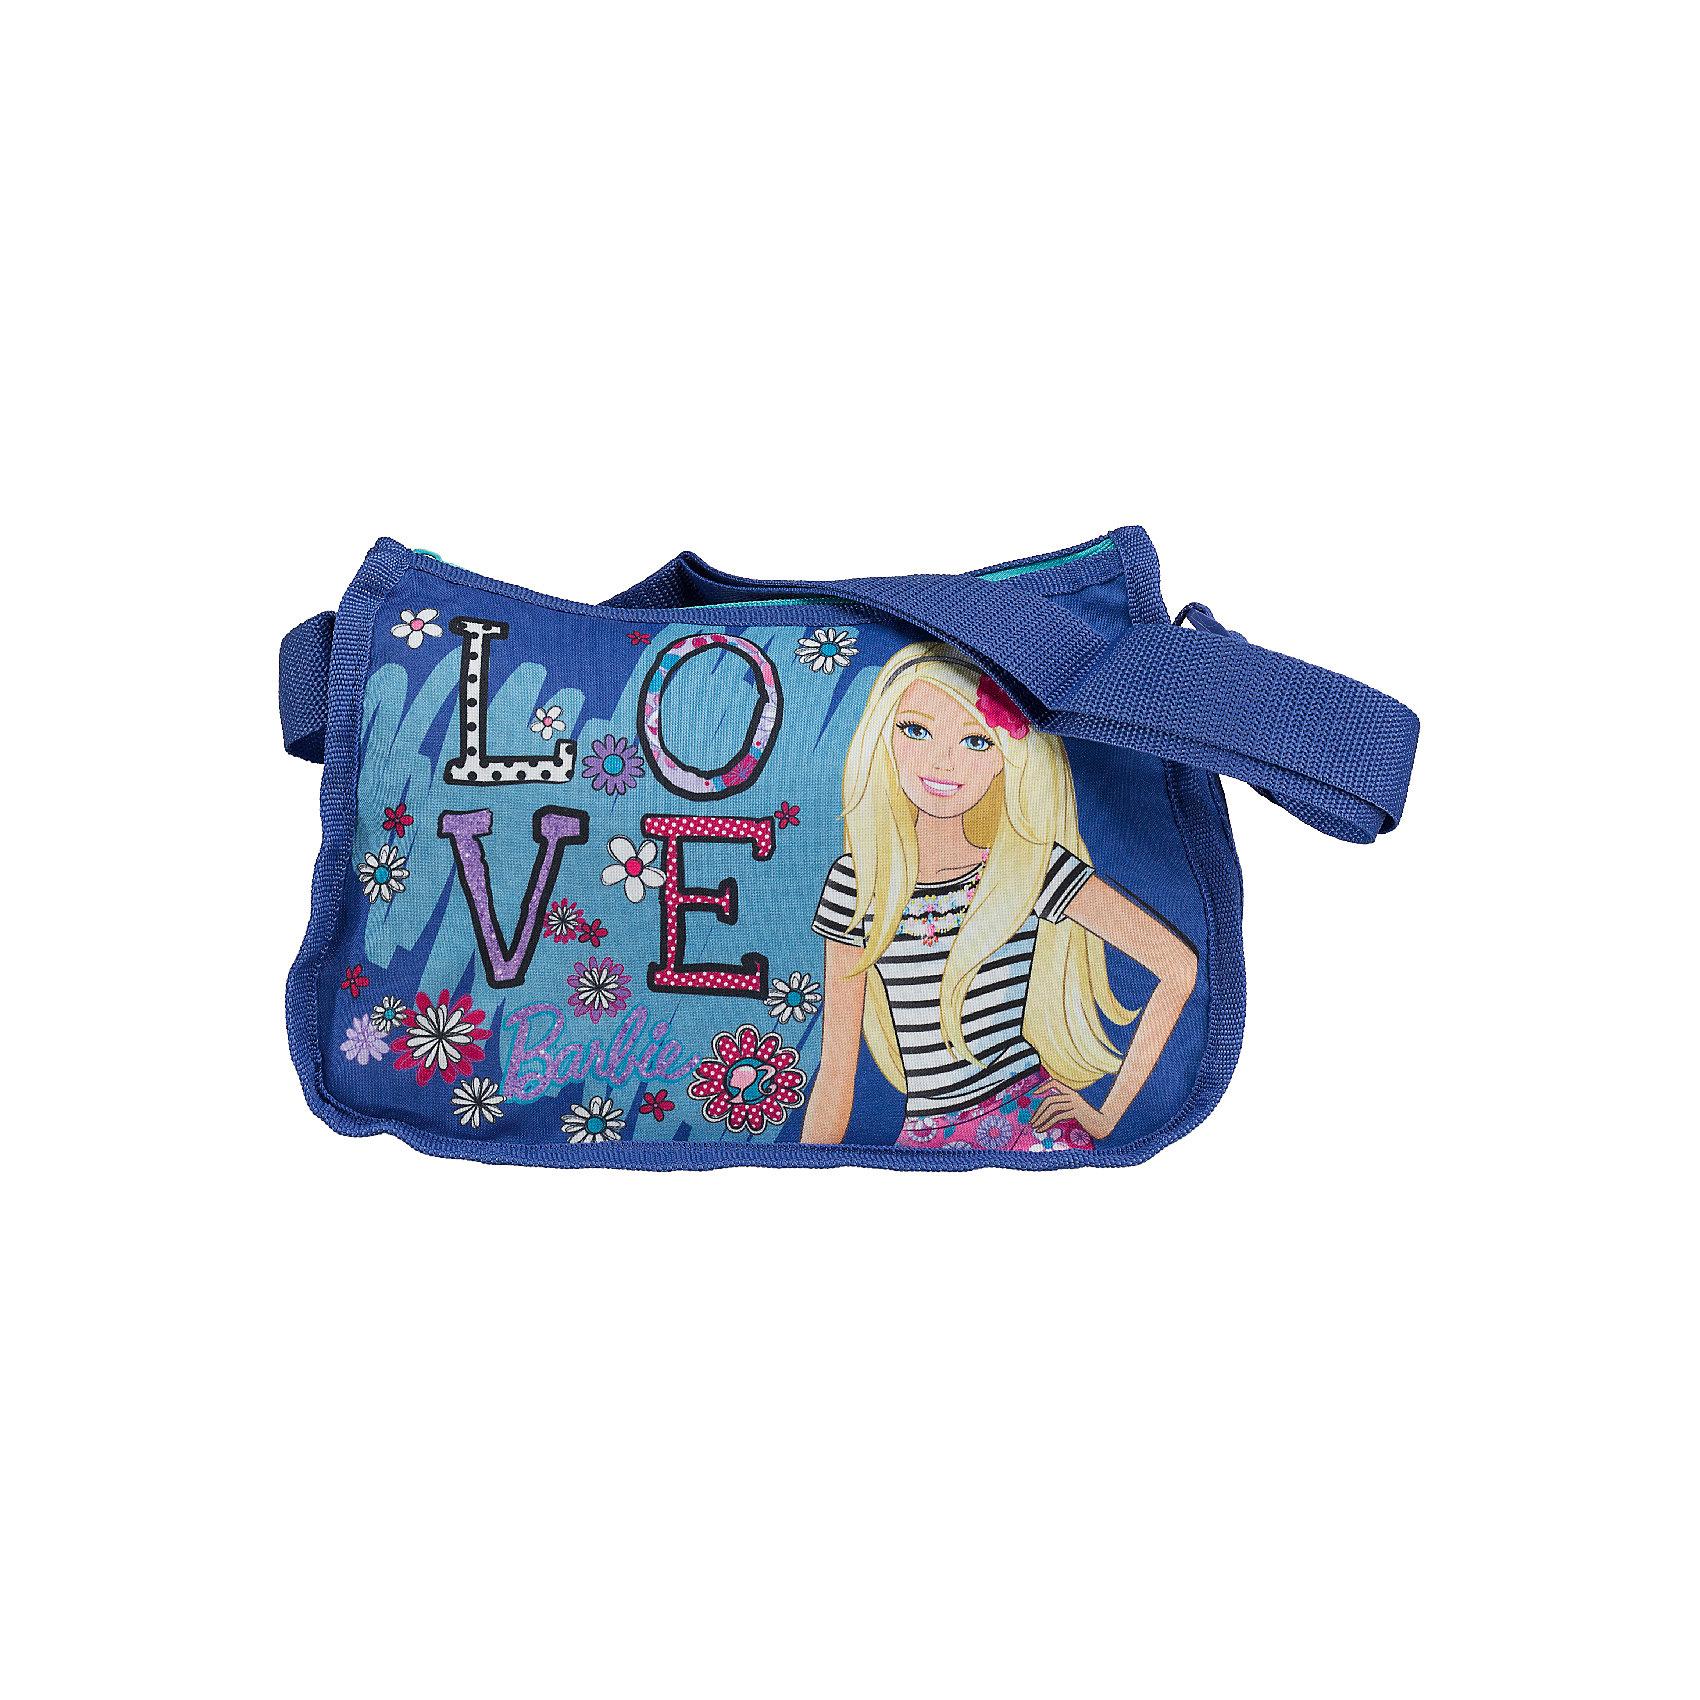 Сумочка 20*26*12 см, BarbieСумочка Barbie - комфортная и стильная сумочка, которая непременно понравится маленькой моднице. Сумка выполнена в приятных синих тонах и украшена изображением очаровательной красавицы Барби и ярким цветочным принтом. Сумочка застегивается на застежку-молнию,<br>внутри одно просторное отделение, куда можно положить все необходимые принадлежности и аксессуары. Для ношения через плечо предусмотрен широкий регулируемый ремешок.  <br><br>Дополнительная информация:<br><br>- Материал: полиэстер, текстиль.<br>- Размер: 20 х 26 х 12 см.<br>- Вес: 120 гр.<br><br>Сумочку 20*26*12 см., Barbie, можно купить в нашем интернет-магазине.<br><br>Ширина мм: 120<br>Глубина мм: 260<br>Высота мм: 200<br>Вес г: 111<br>Возраст от месяцев: 96<br>Возраст до месяцев: 108<br>Пол: Женский<br>Возраст: Детский<br>SKU: 4489522